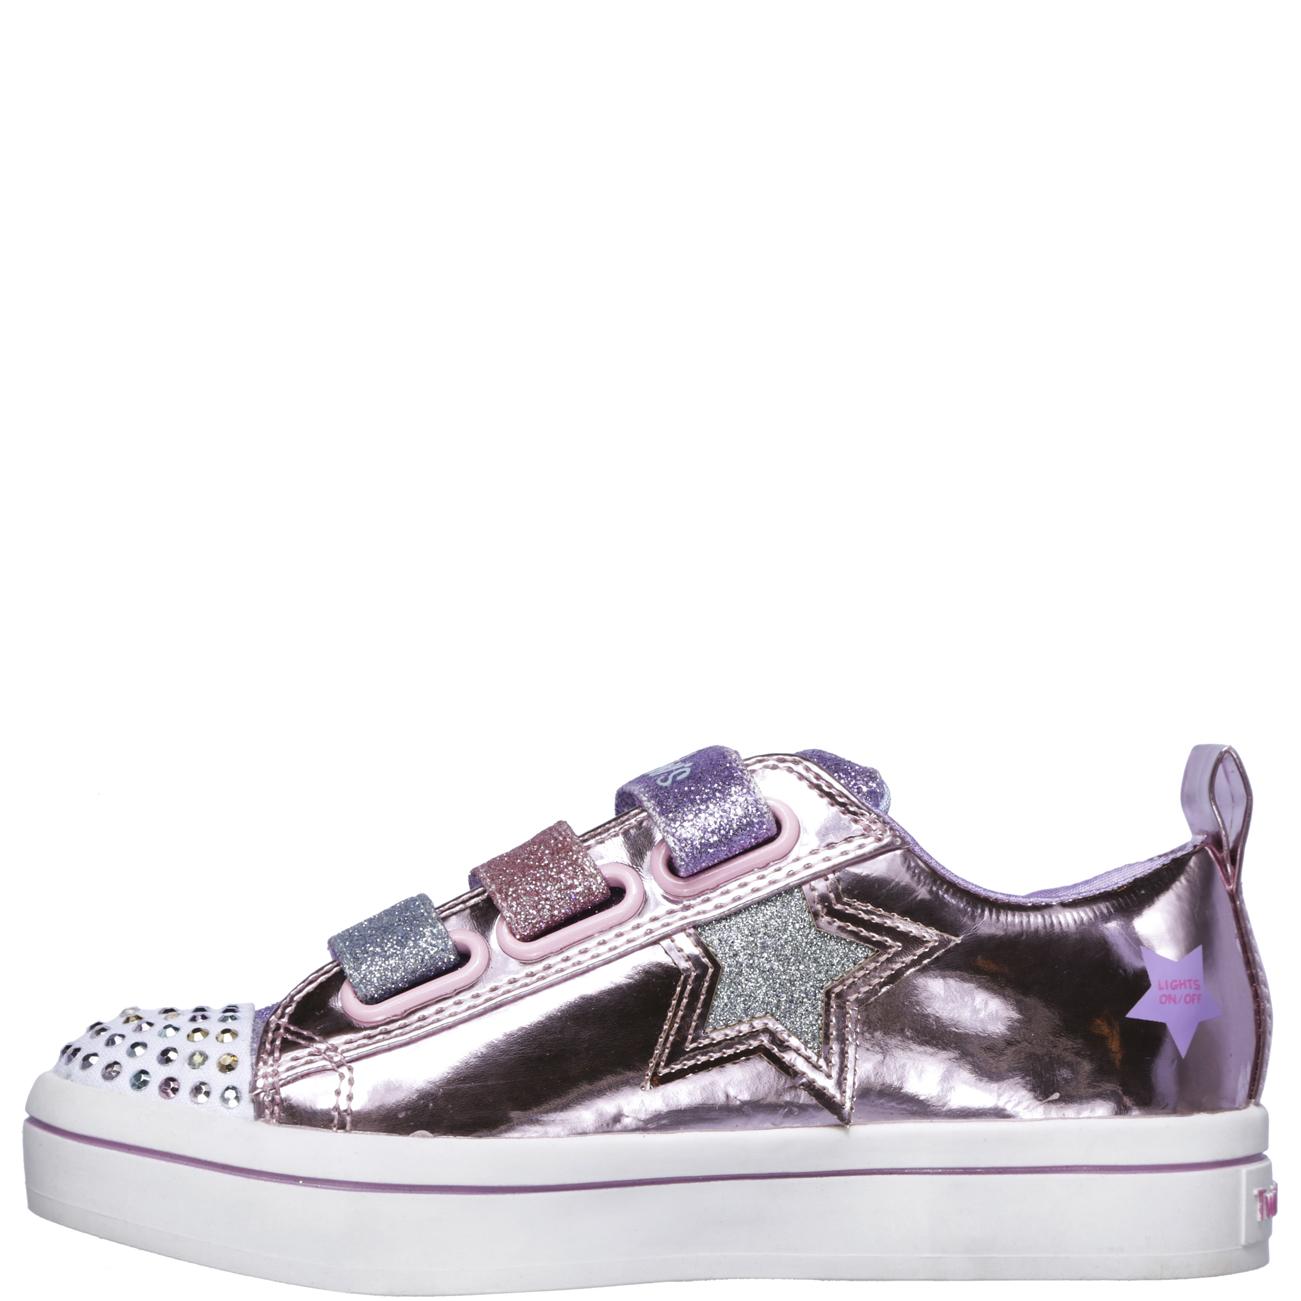 c07731548c0 Kids Girls Skechers Twinkle Toe Twi-Lites Twinkle Stars Party ...